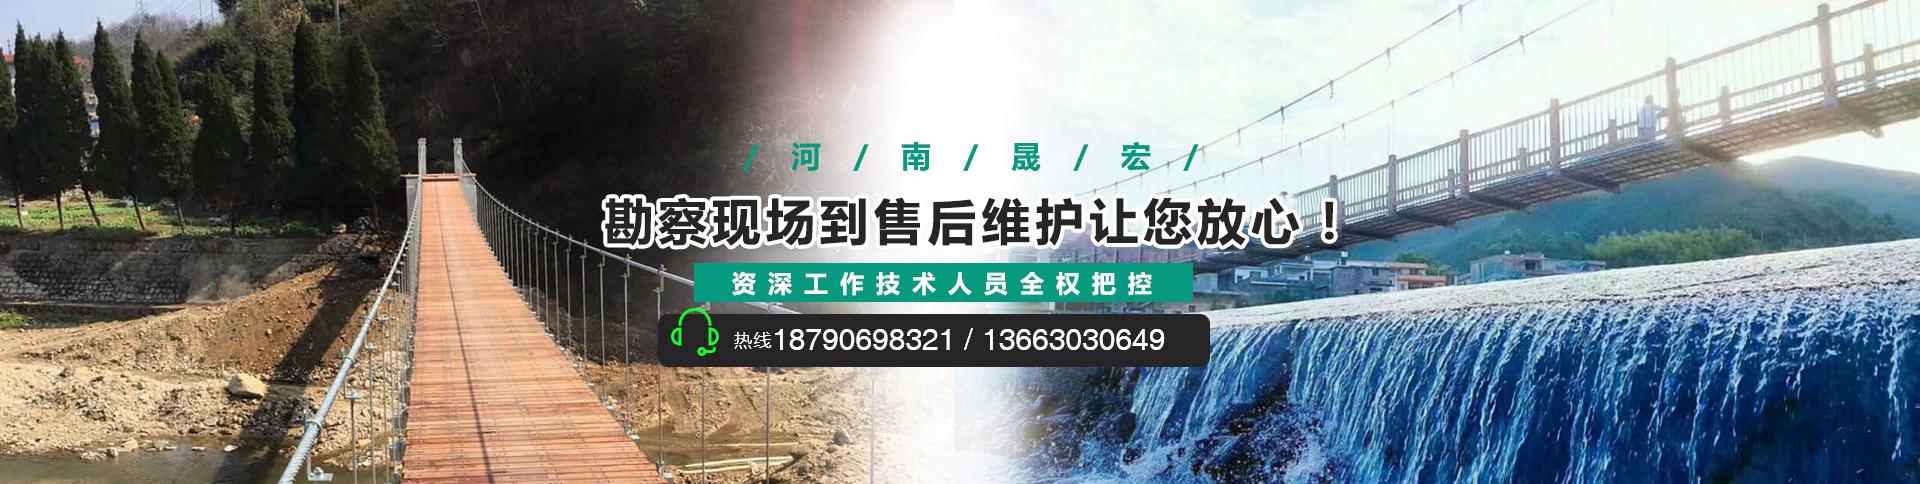 河南晟宏游乐设备有限公司